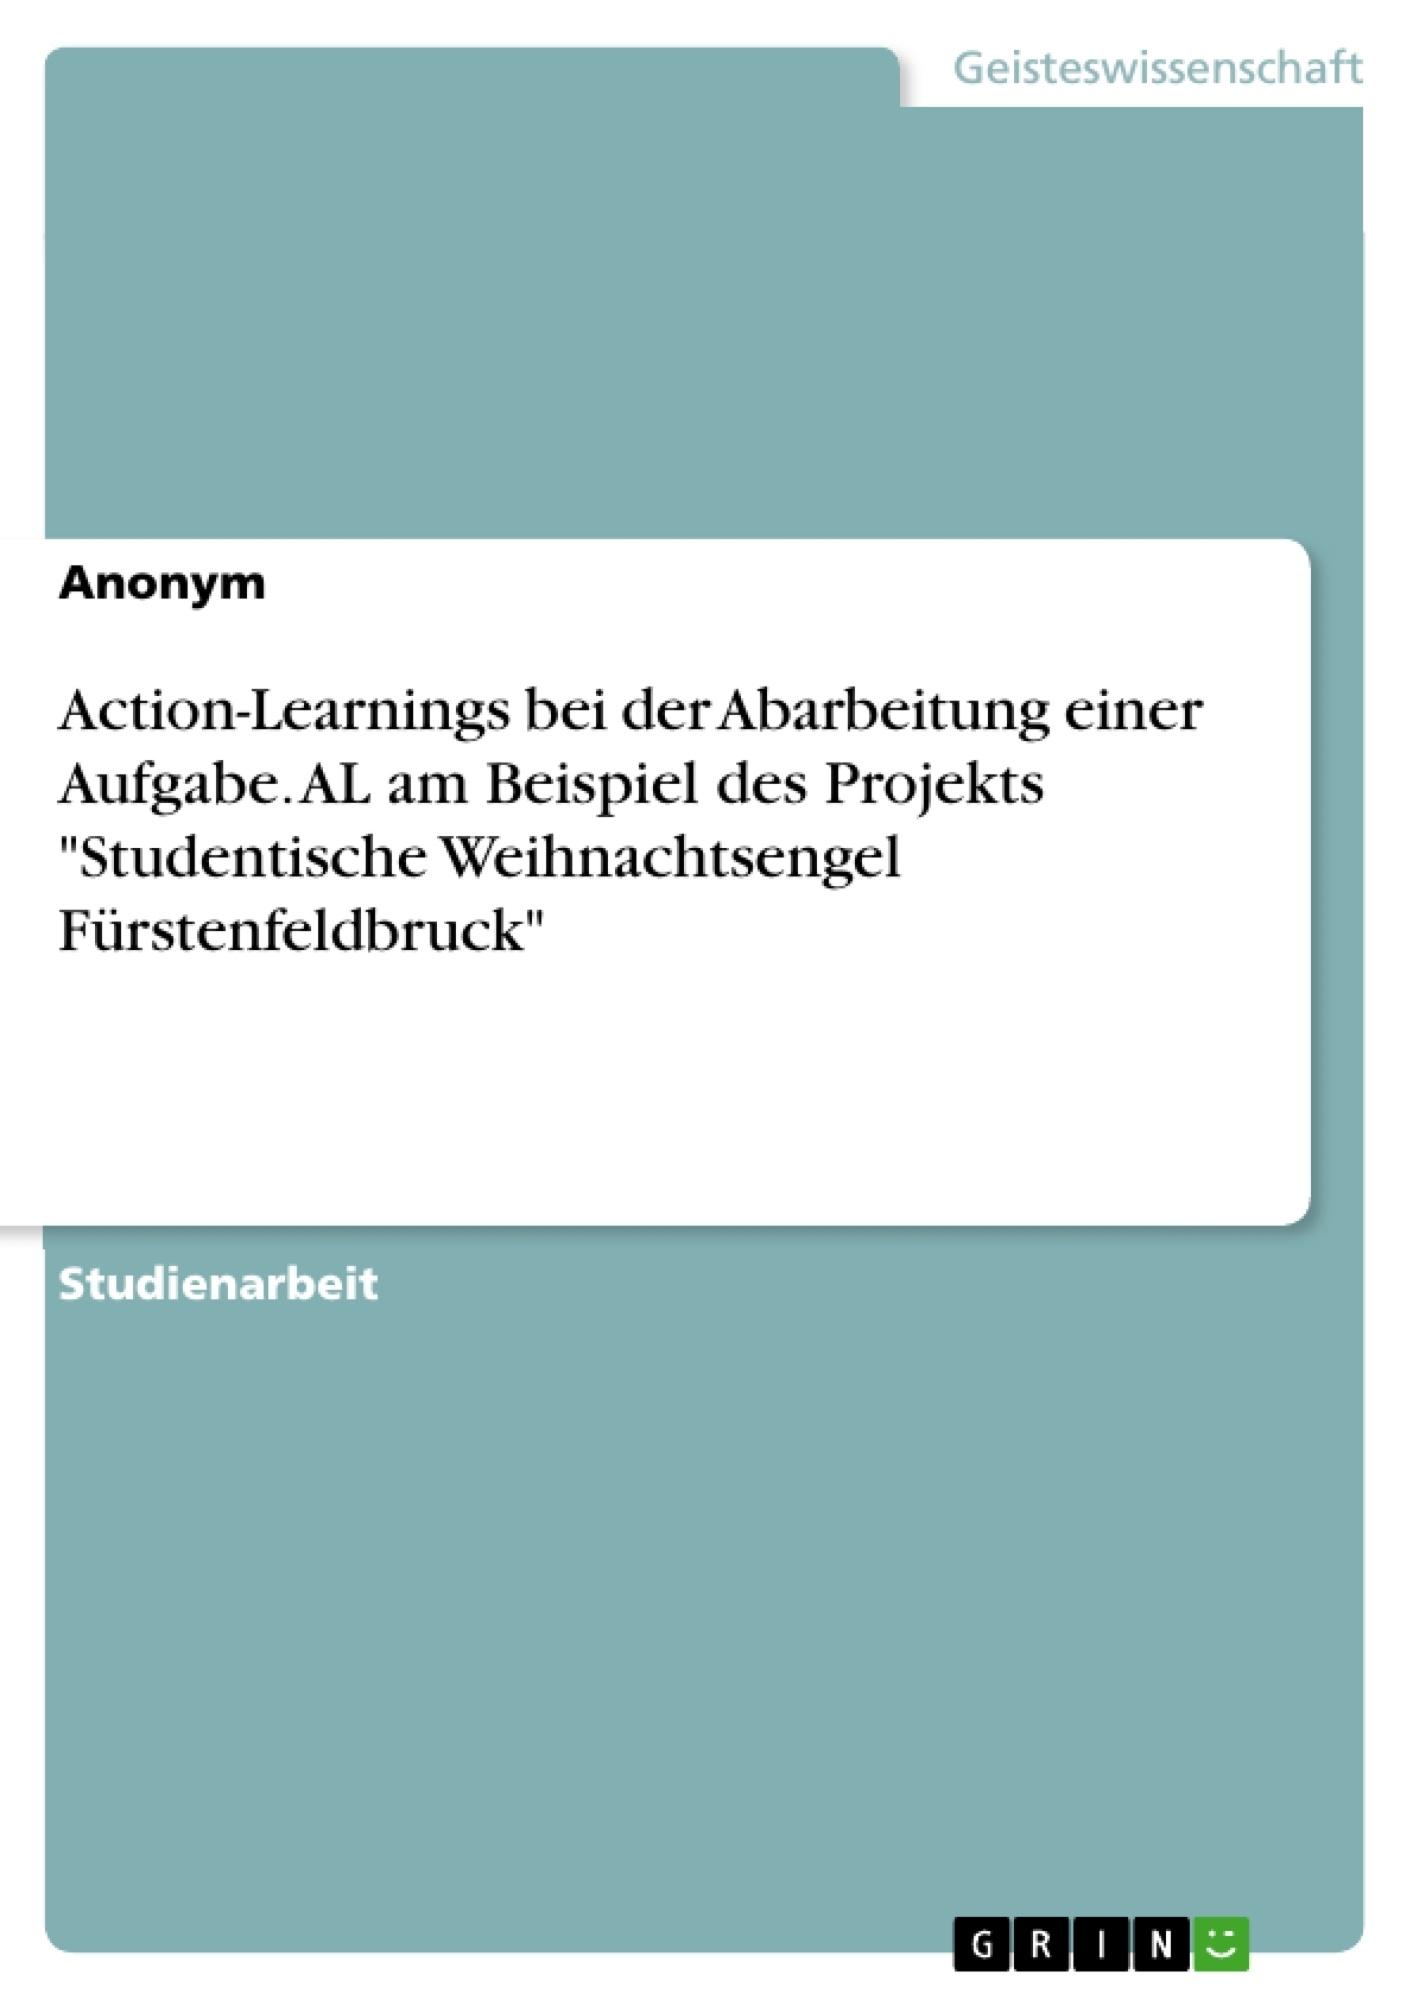 """Titel: Action-Learnings bei der Abarbeitung einer Aufgabe. AL am Beispiel des Projekts """"Studentische Weihnachtsengel Fürstenfeldbruck"""""""